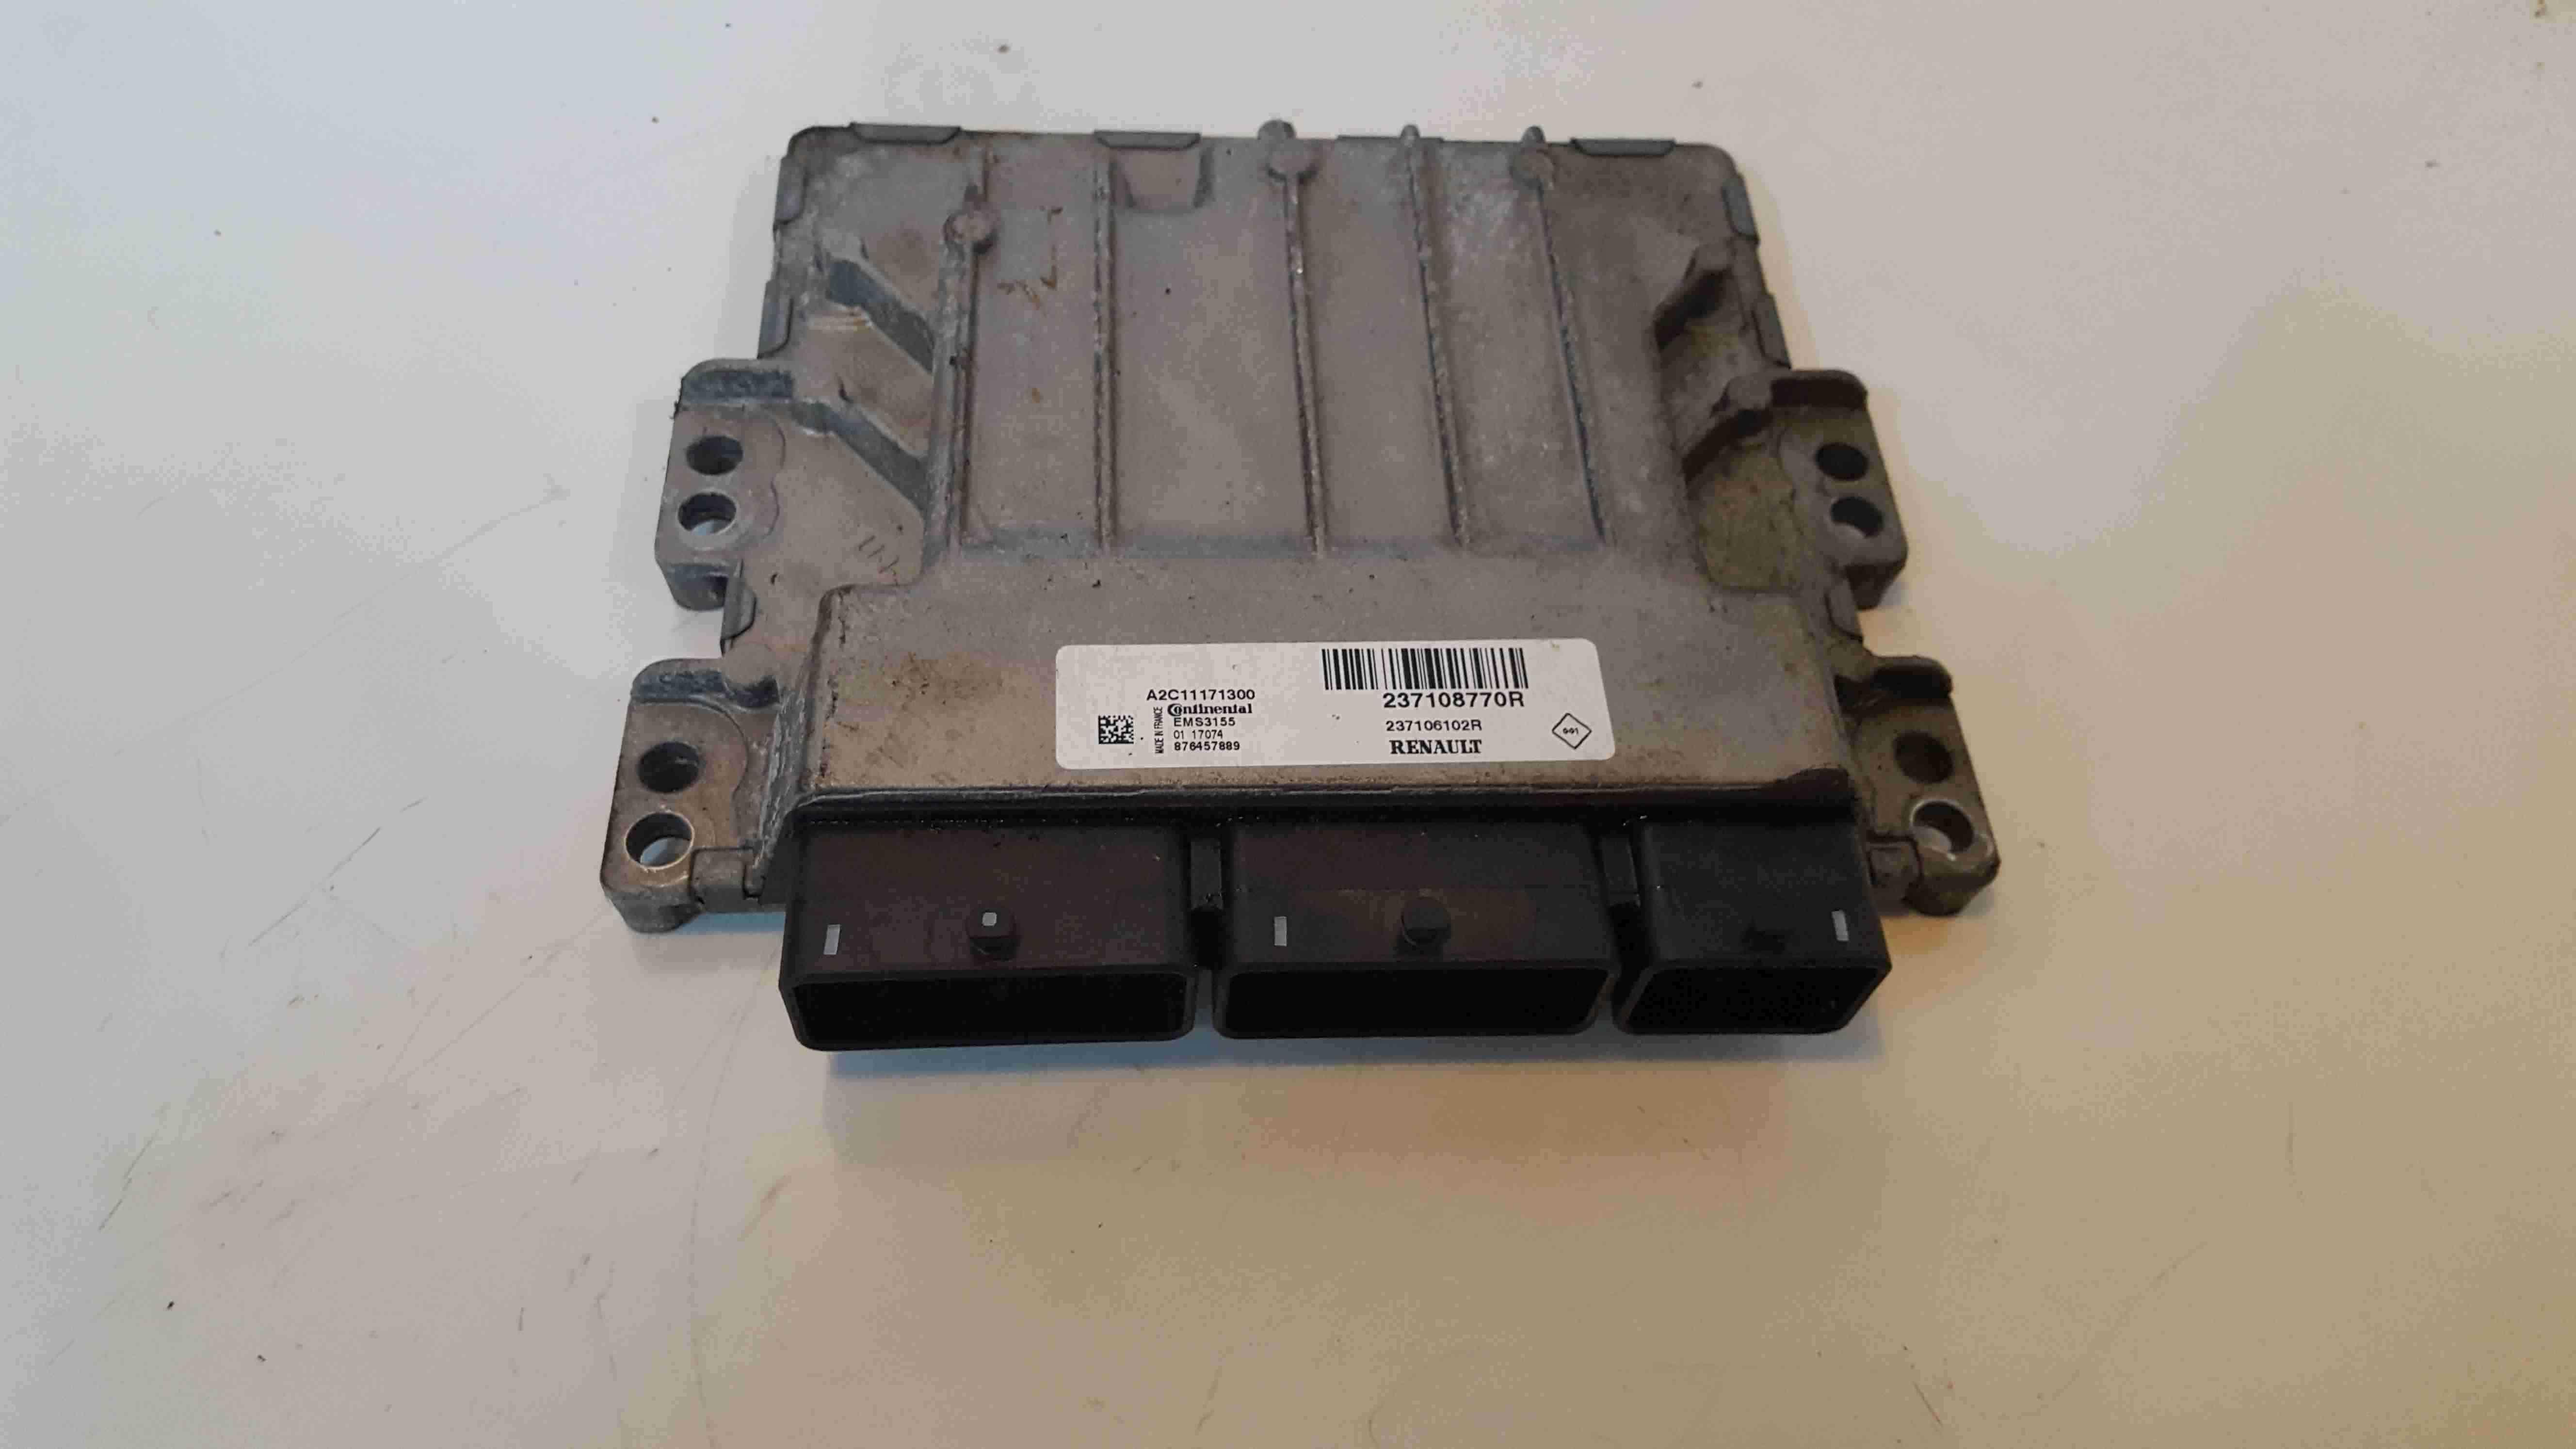 Renault Clio MK4 2013-2018 1.2 Engine Control Unit ECU Computer 237108770R